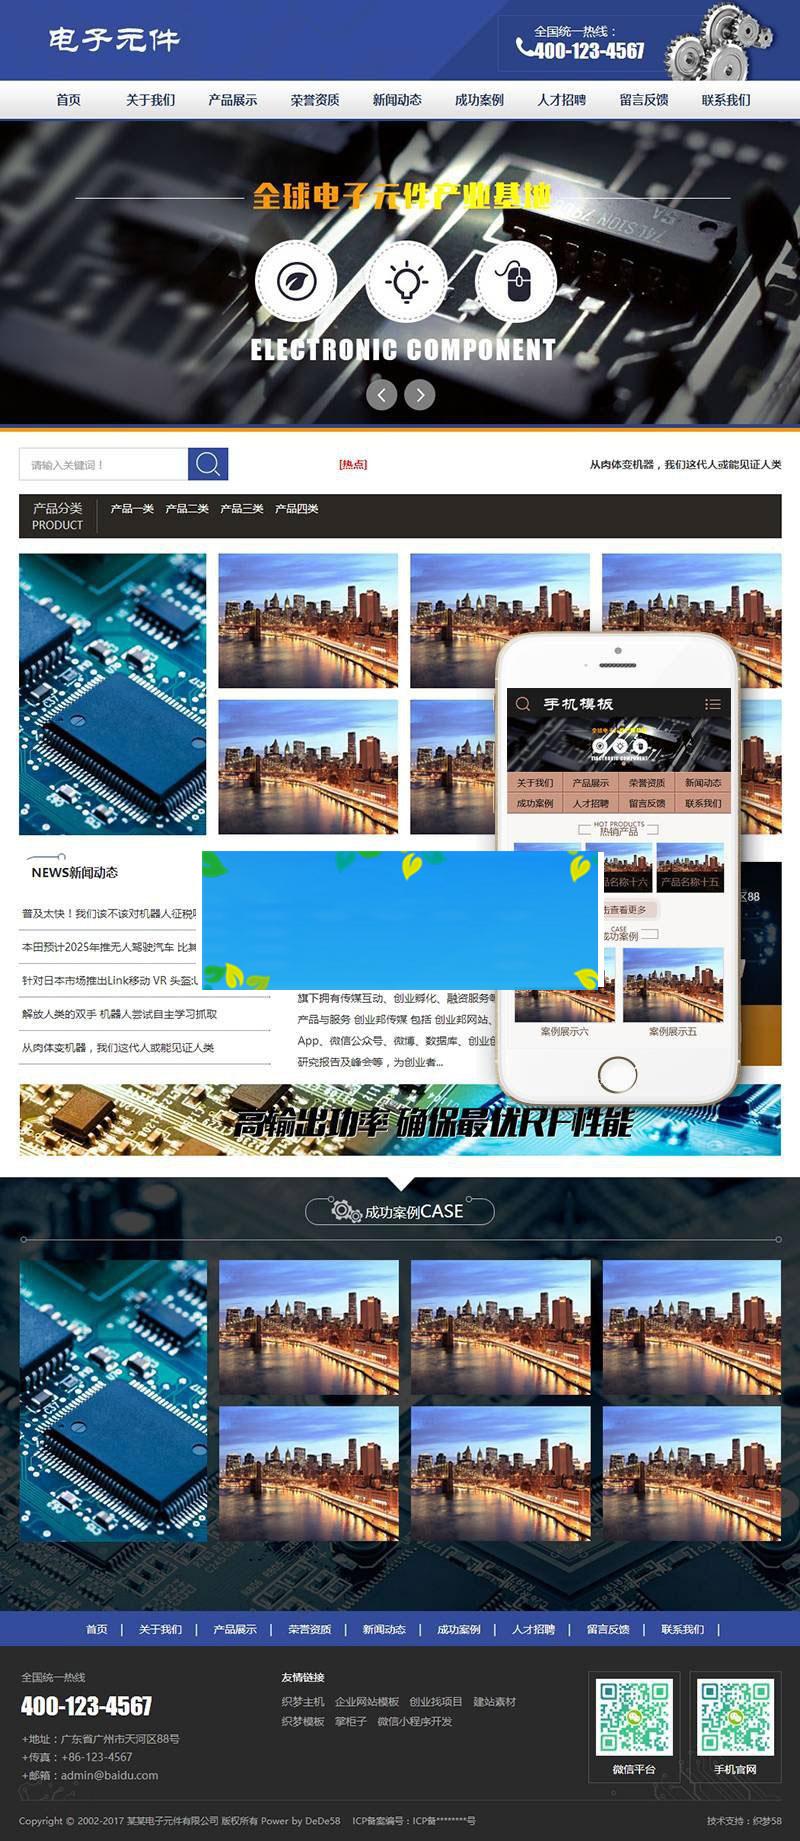 织梦dedecms电子元件公司网站模板(带手机移动端)